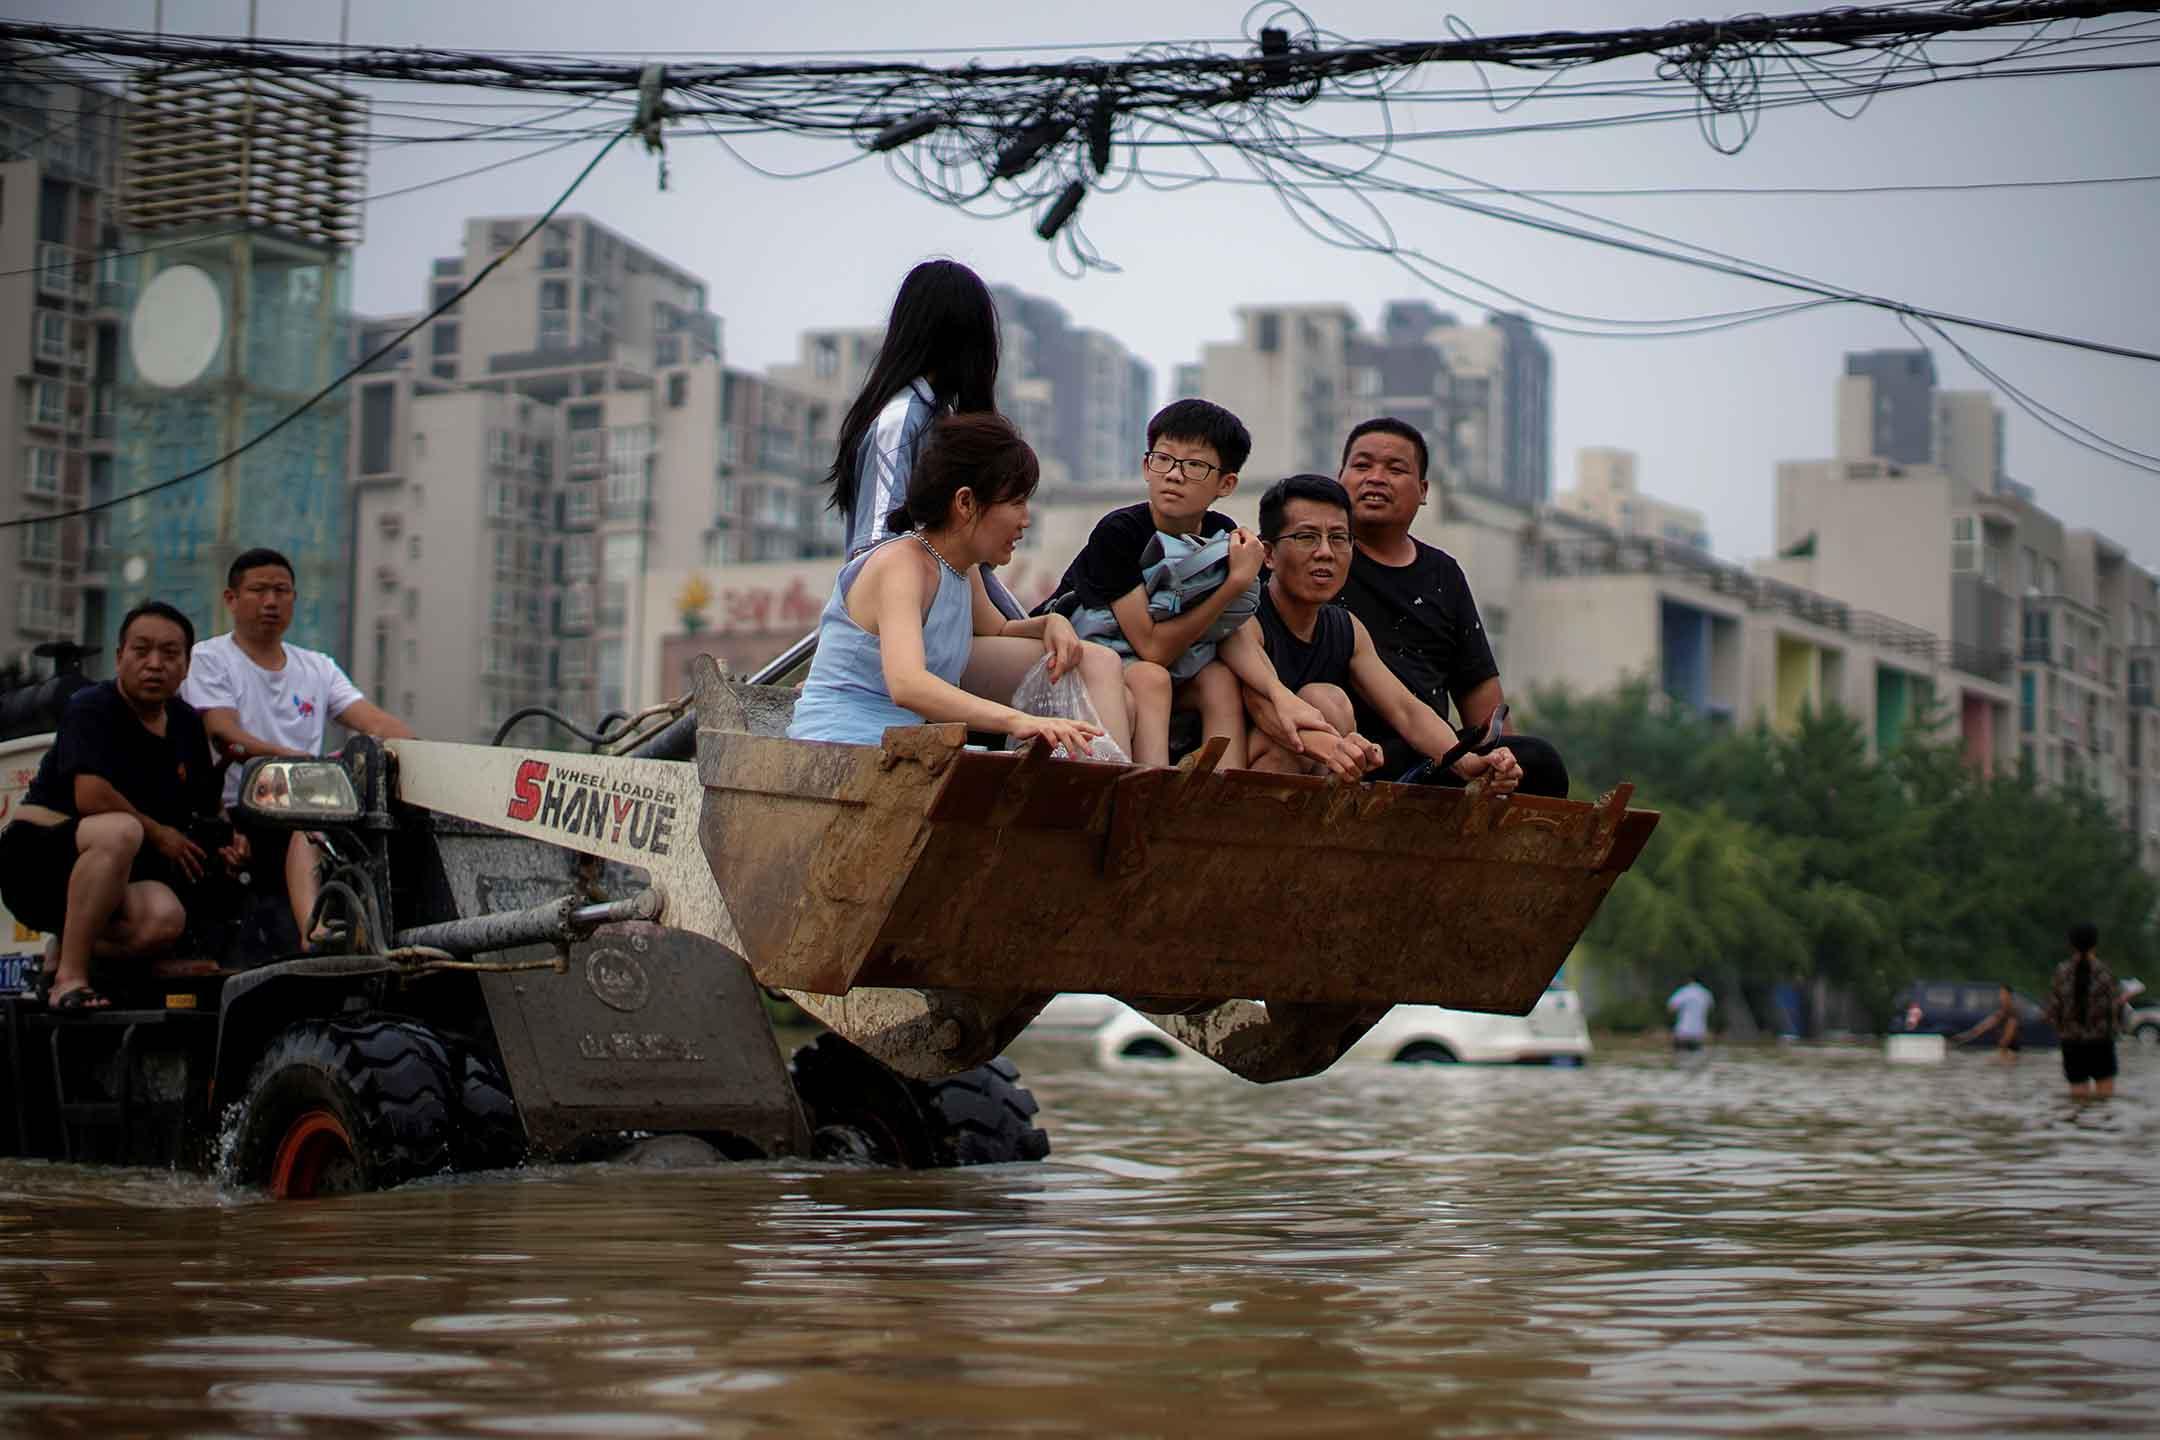 2021年7月23日中國河南省鄭州市,人們騎著裝載機穿過洪水淹没的街道。 攝:Aly Song/Reuters/達志影像